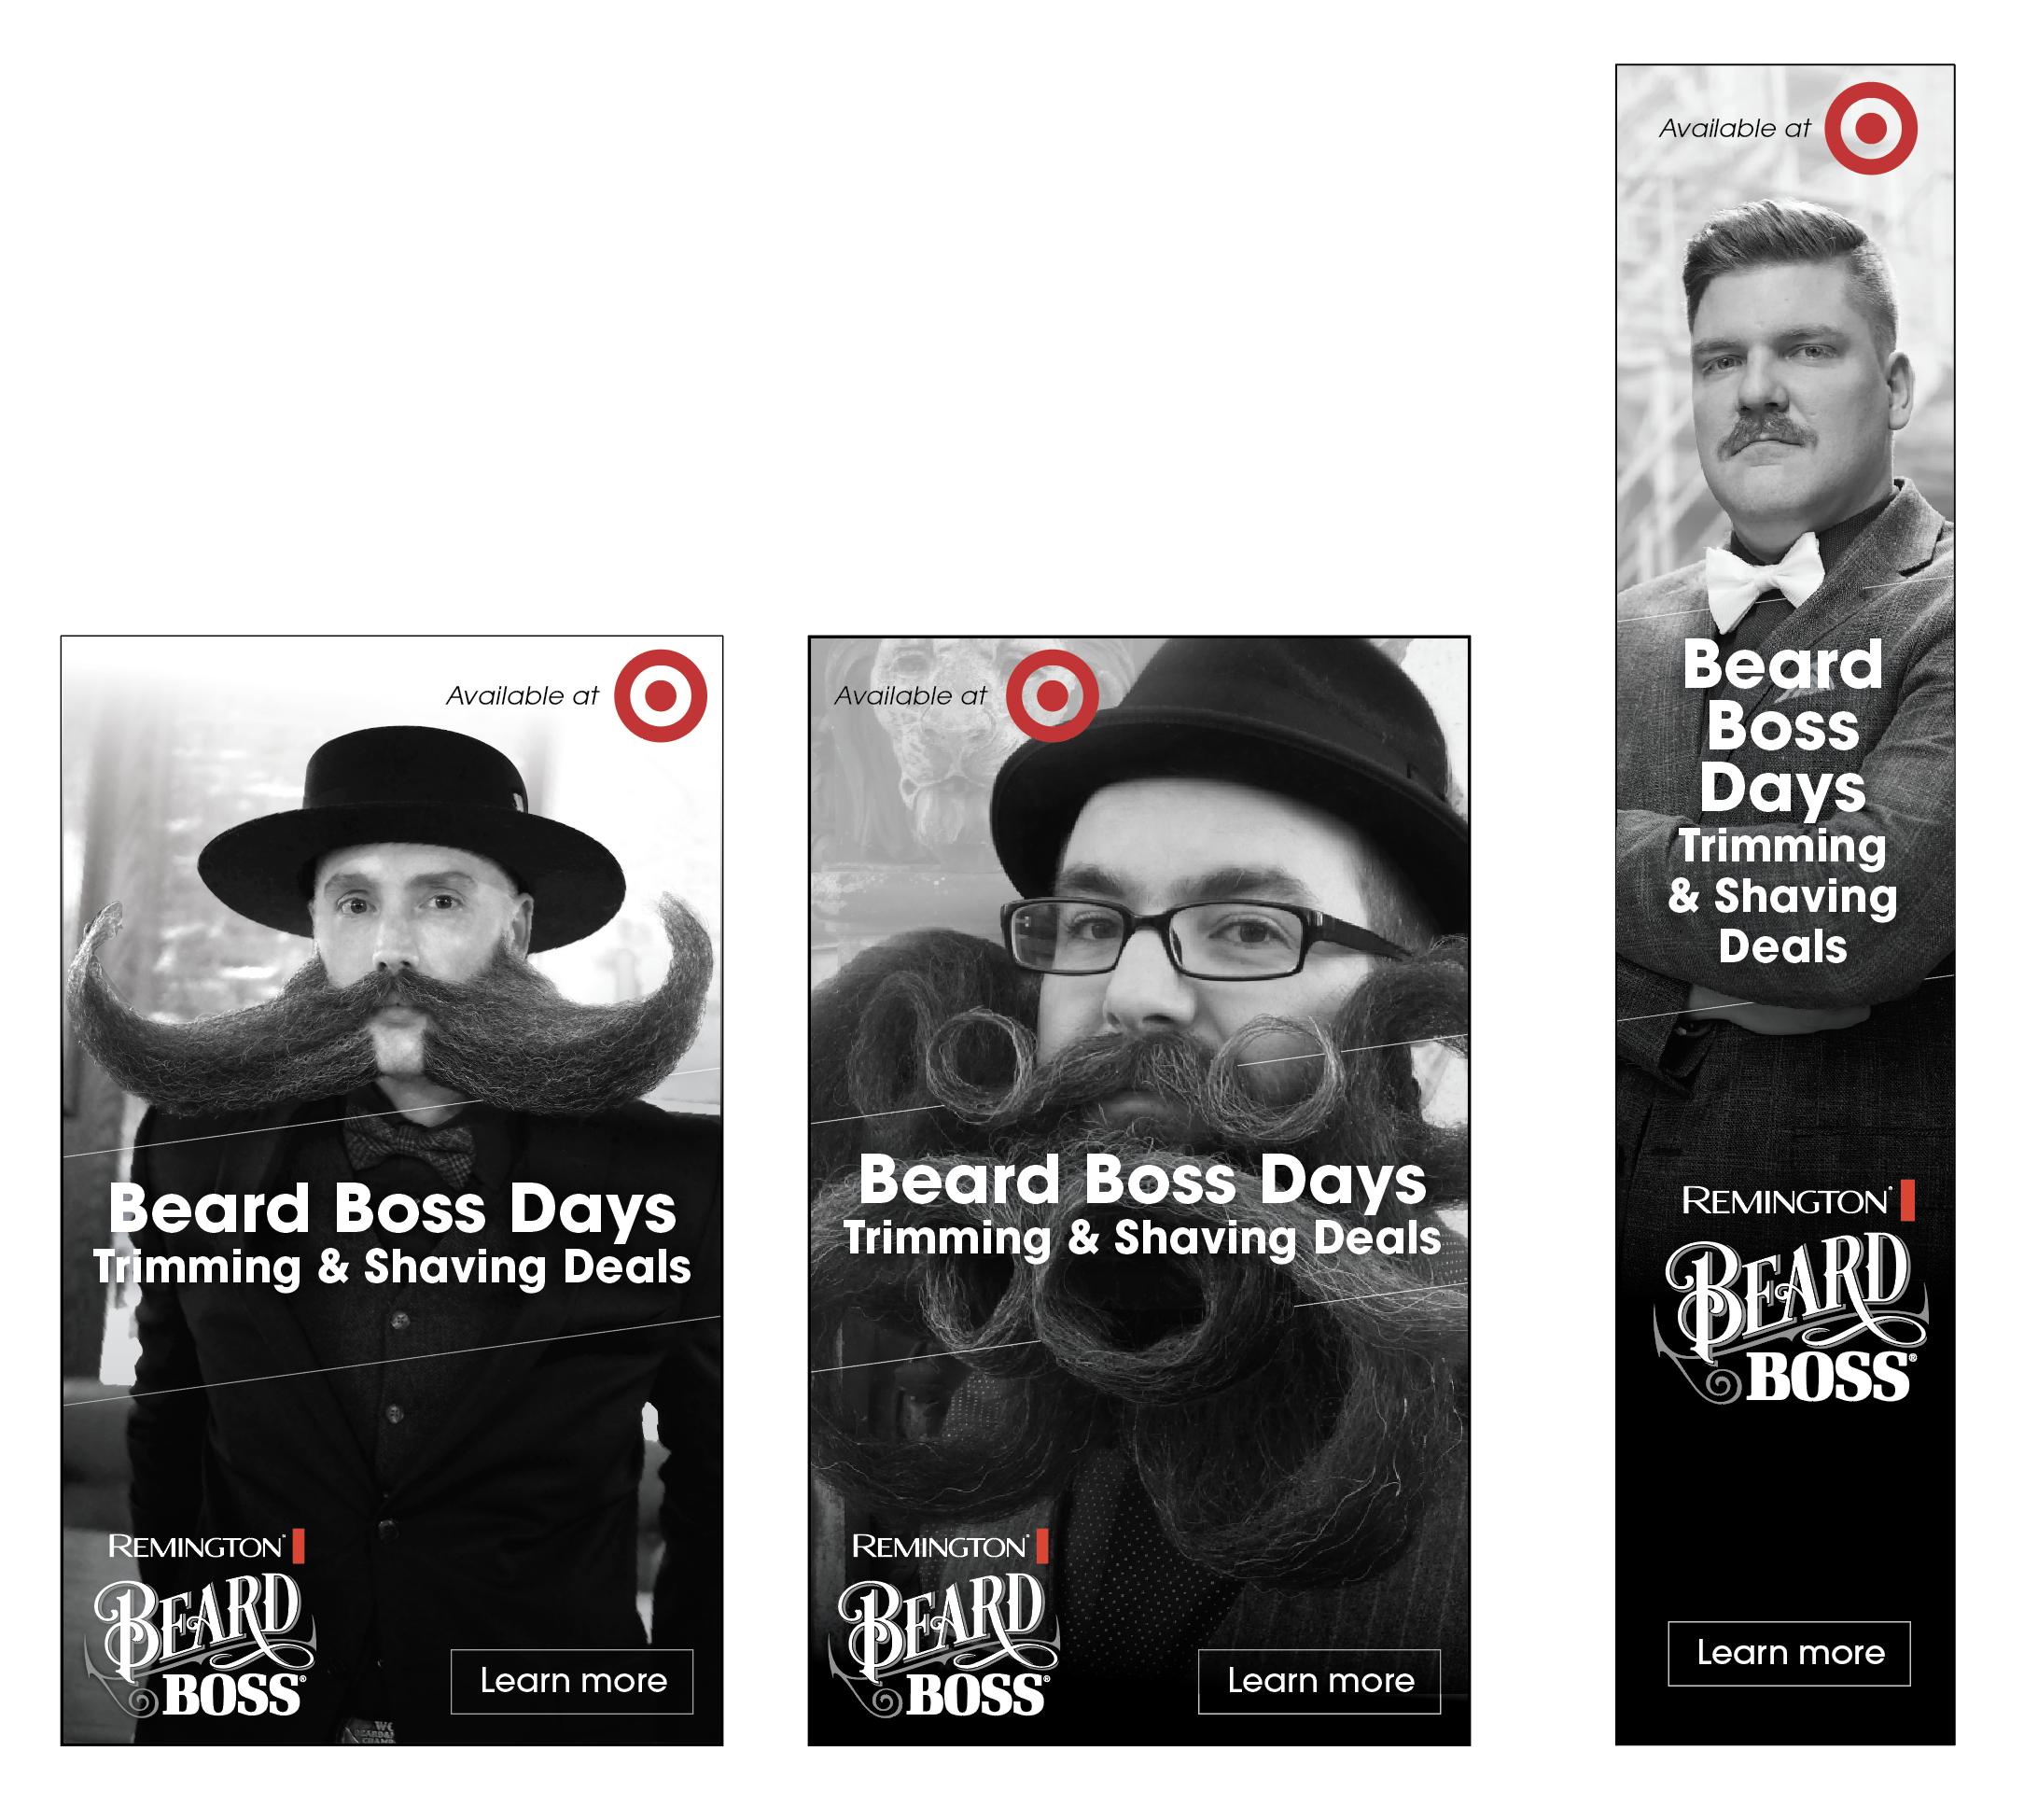 Beard Boss at Target